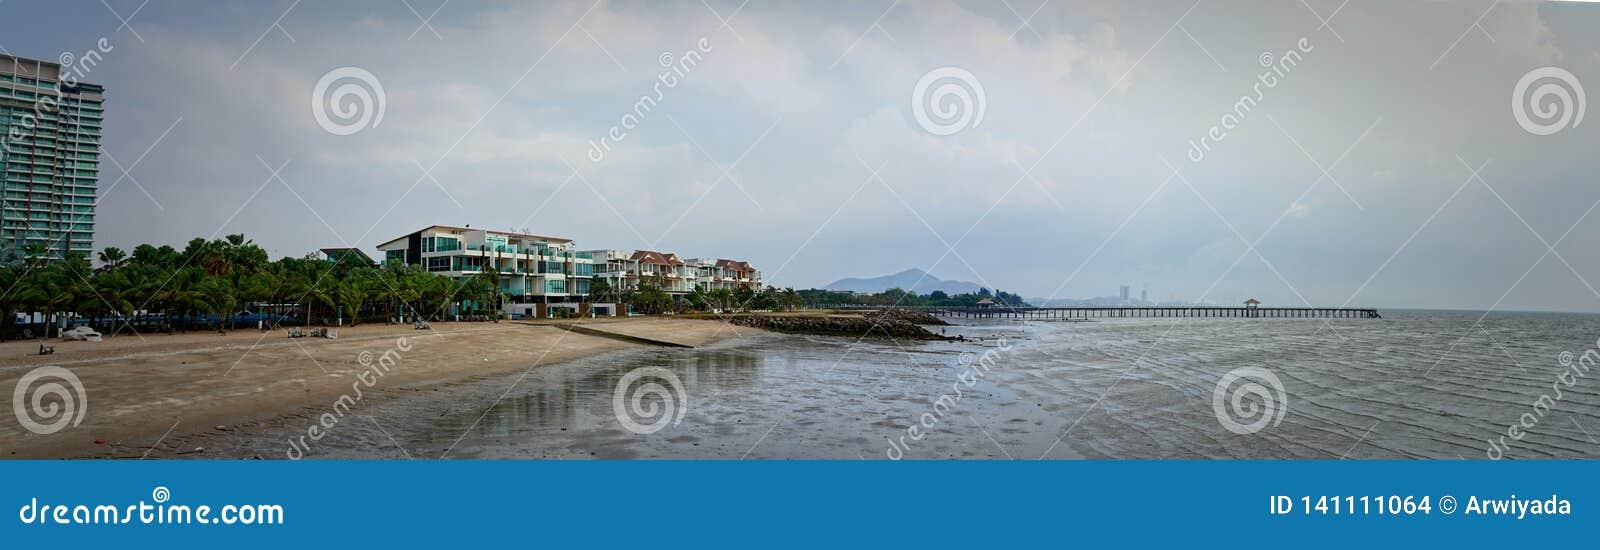 Punto di vista panoramico dell uccello della località di soggiorno, del litorale e della spiaggia con il ponte o